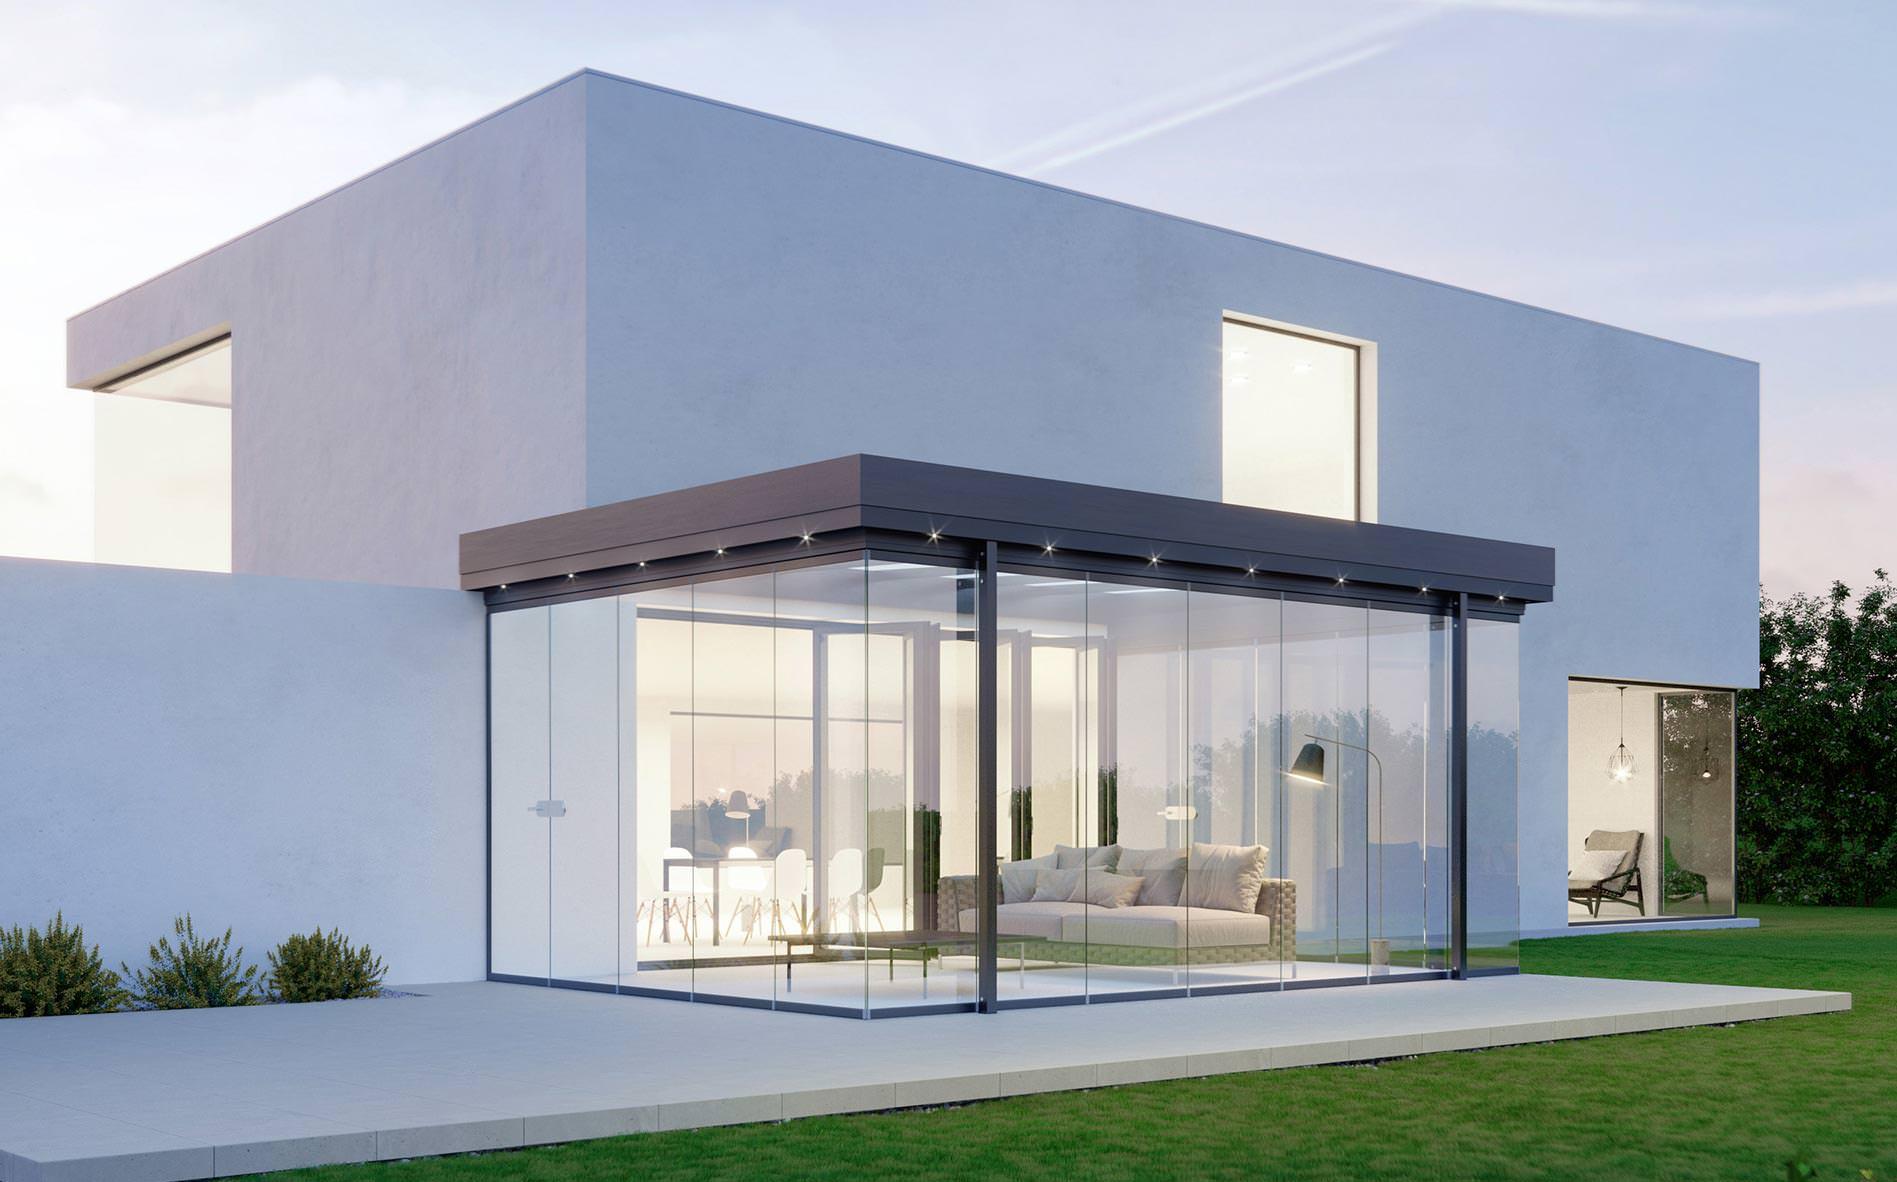 Neues Terrassendach von Solarlux schafft die Horizontalisierung der ...